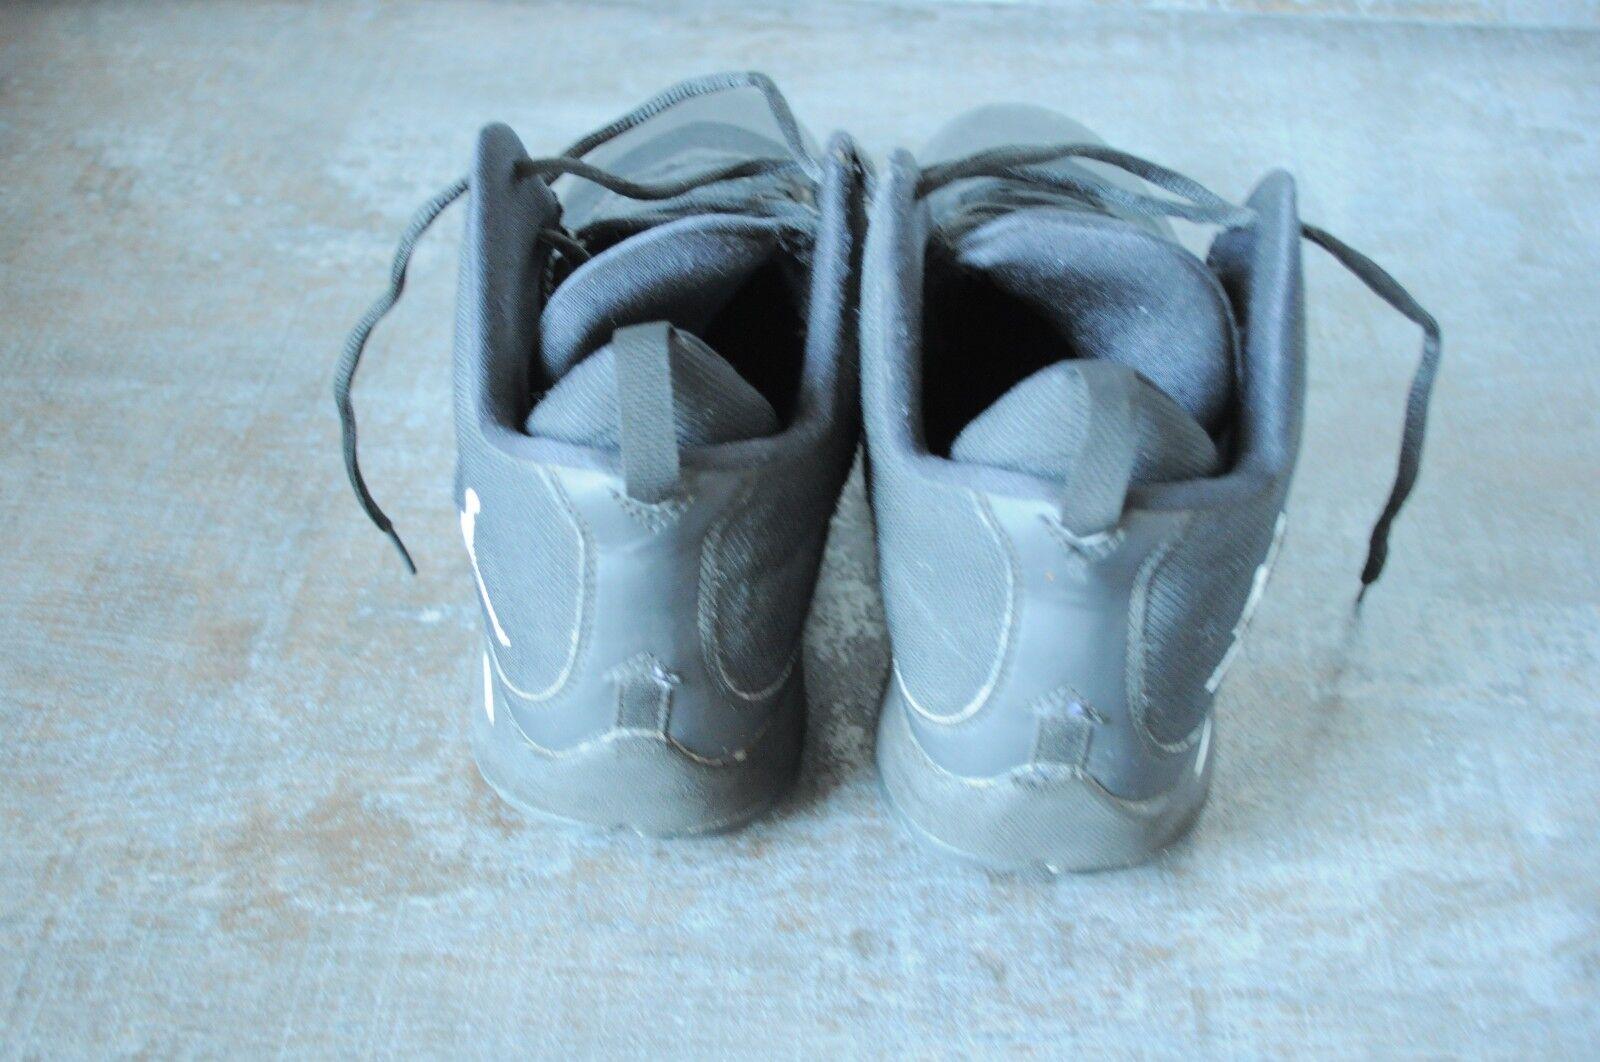 Jordan air Flightplate Superfly 2 schwarz/weiss Sneaker Gr 45 Farbe schwarz/weiss 2 90d735